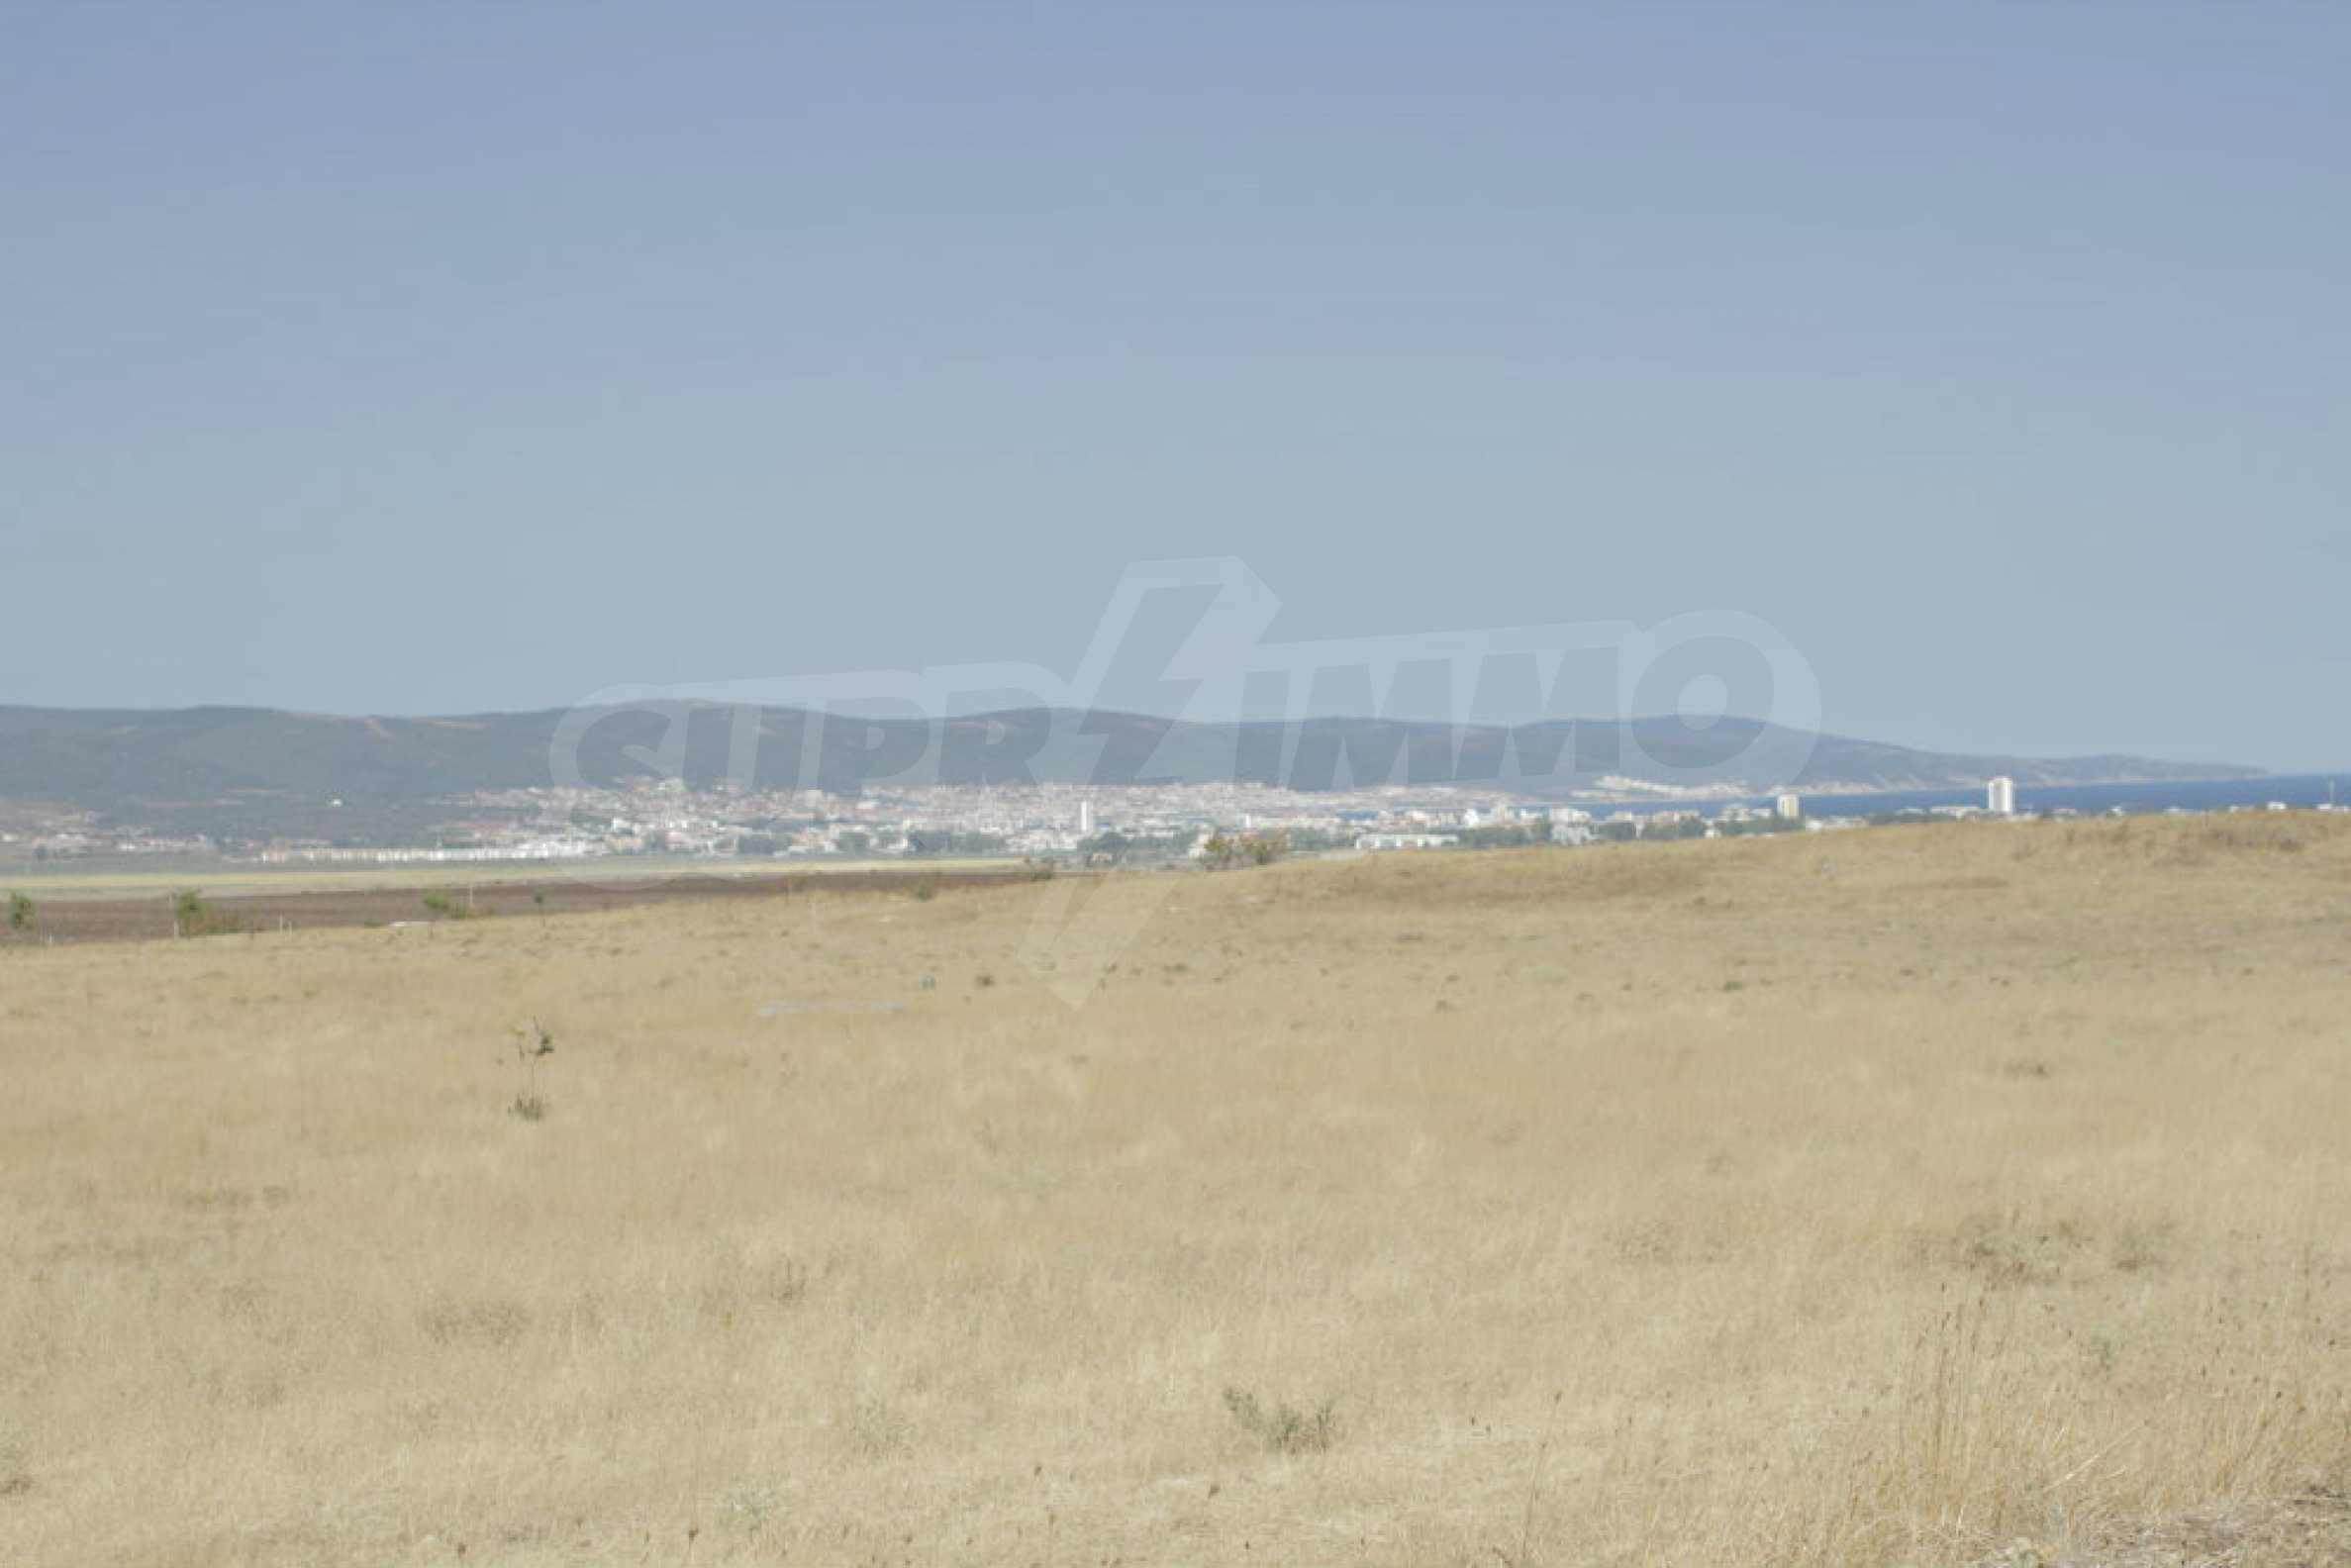 Attraktives Grundstück für Investieren in der Nähe des historischen Komplexes Aheloy 917 und Sonnenstrand, bei Tankowo und Aheloy 37